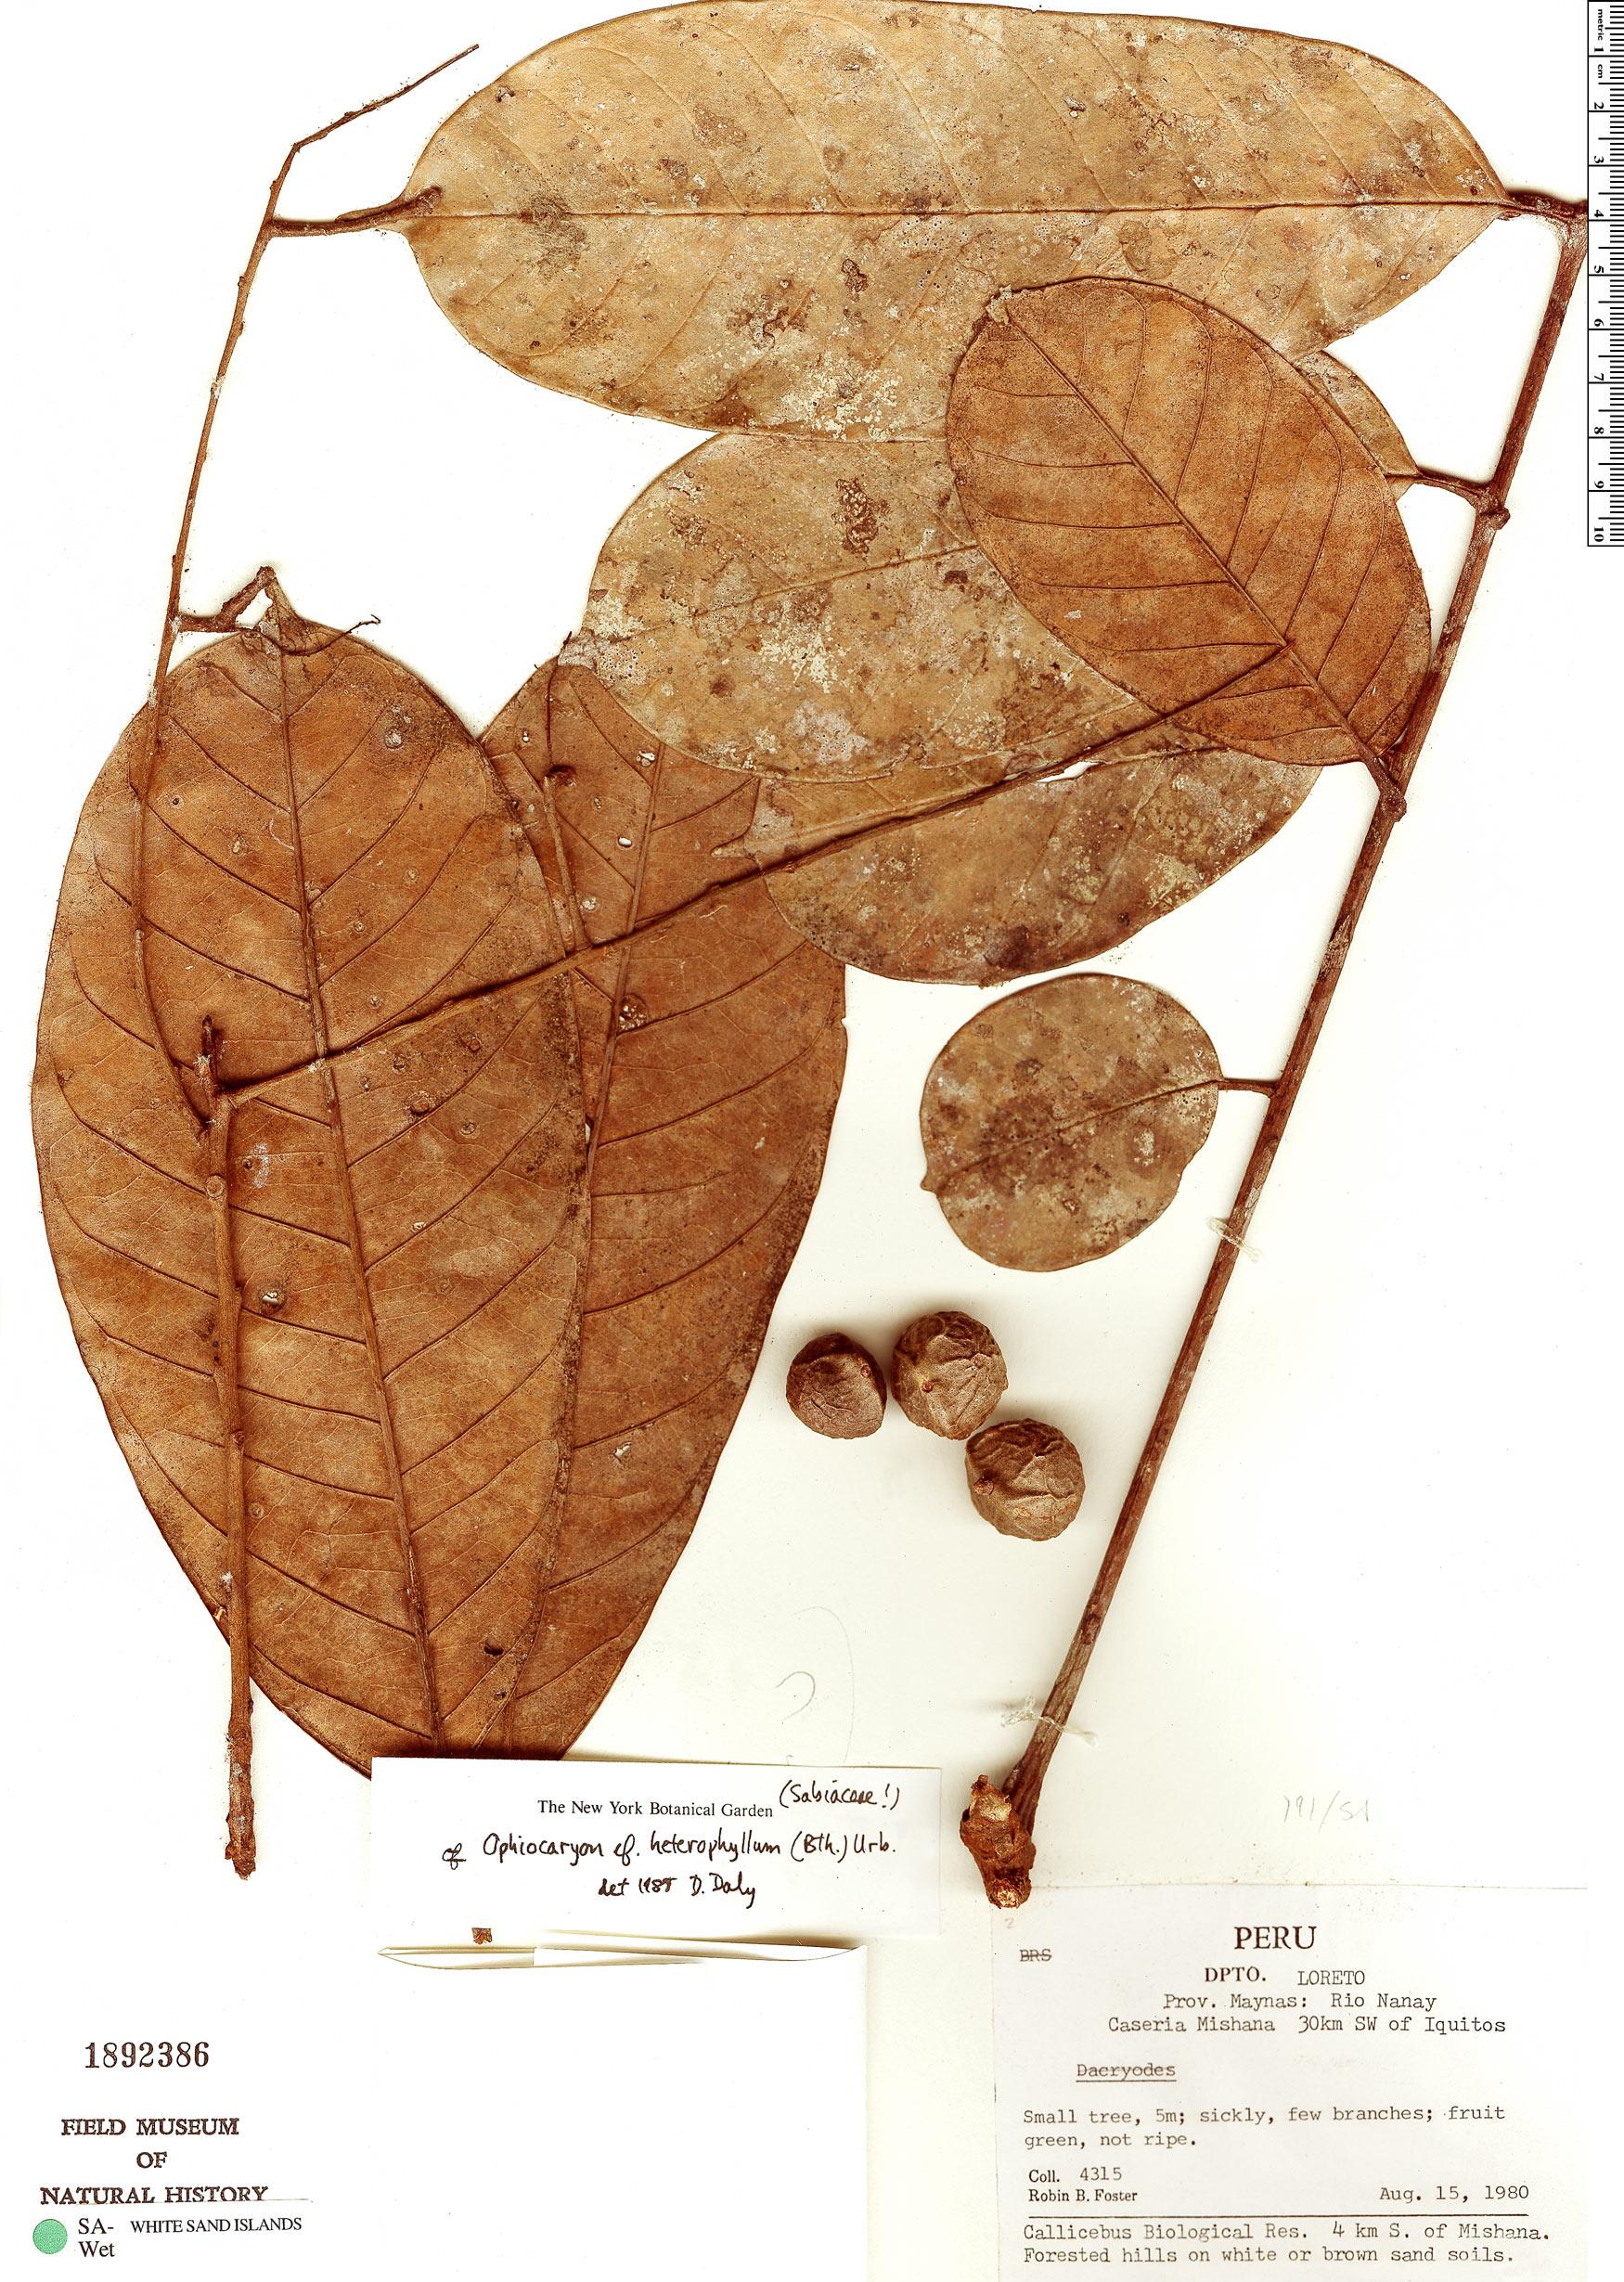 Specimen: Ophiocaryon heterophyllum